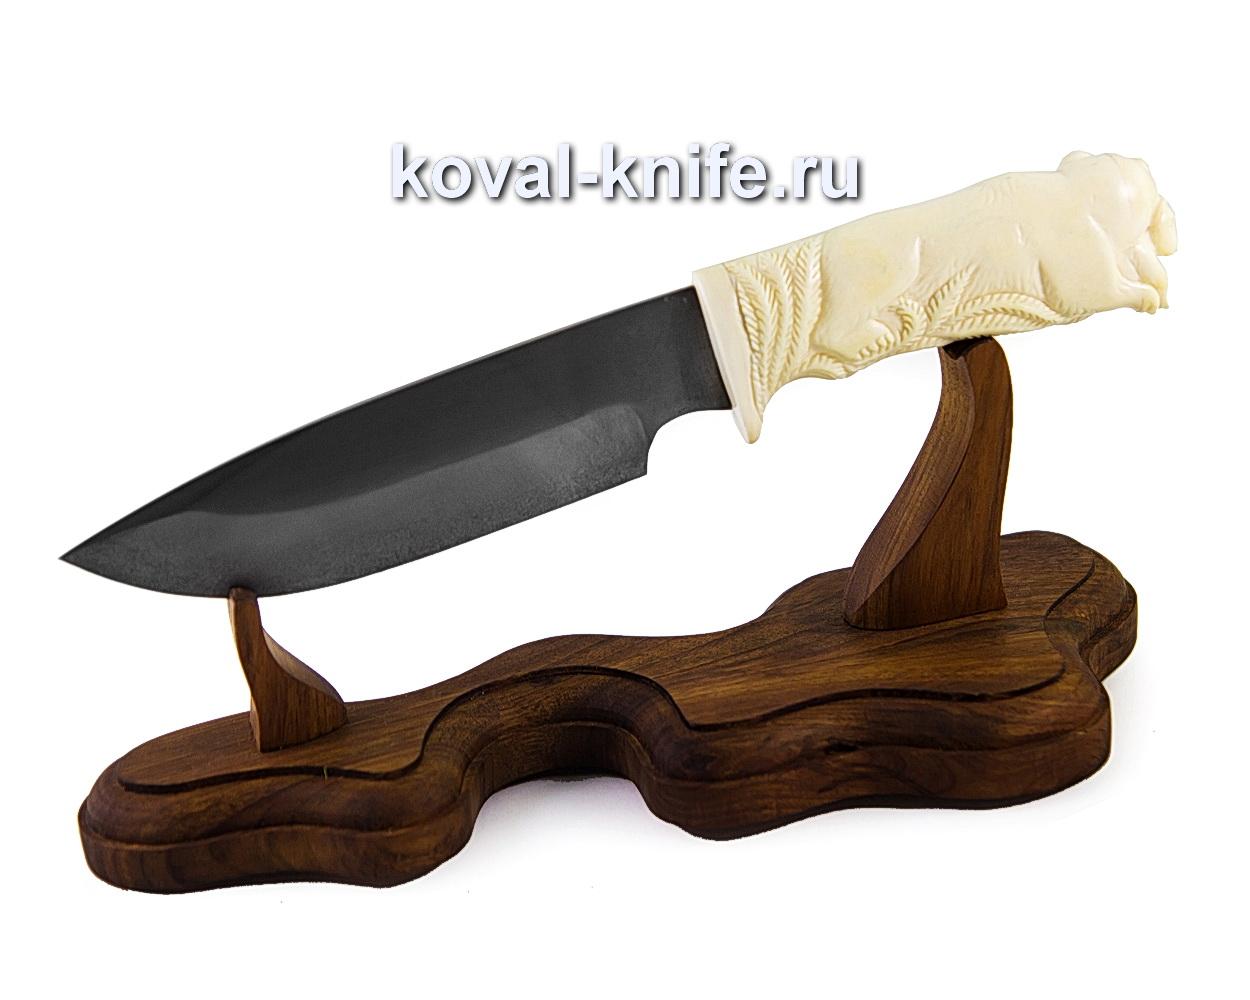 Нож из булатной стали Барс (рукоять с резьбой по кости)